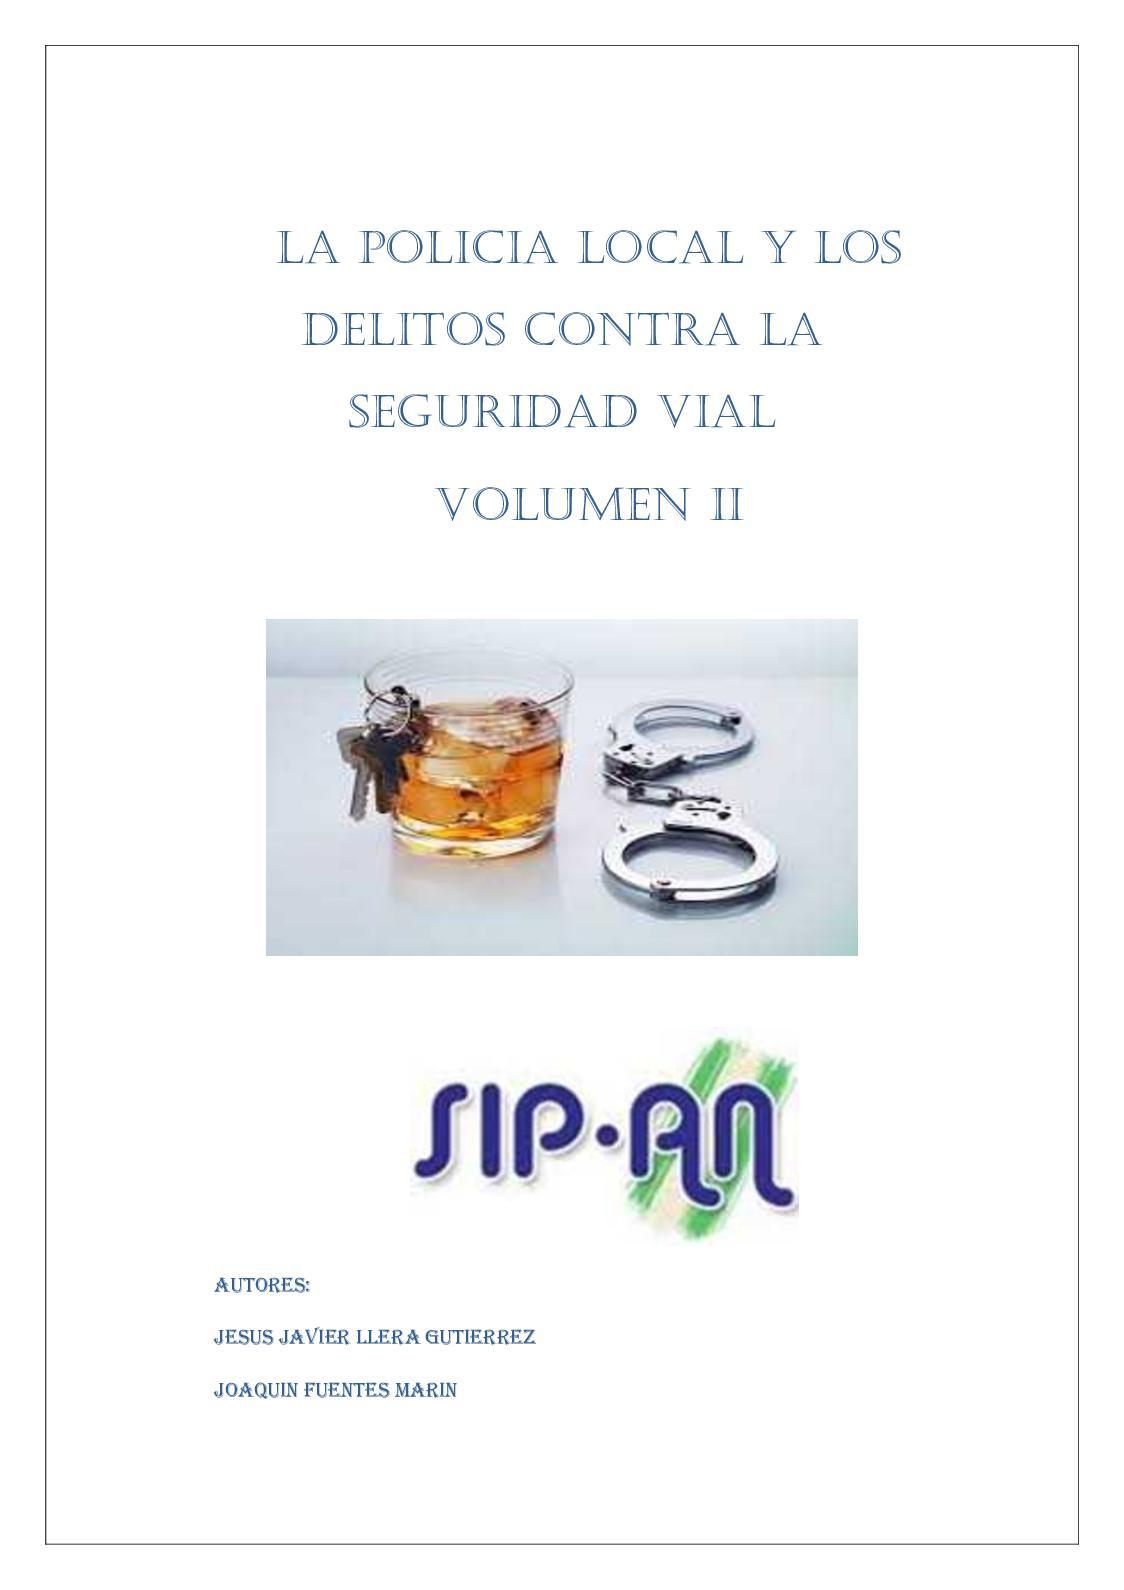 321 La Policía Local Y Los Delitos Contra La Seguridad Vial Volumen Ii